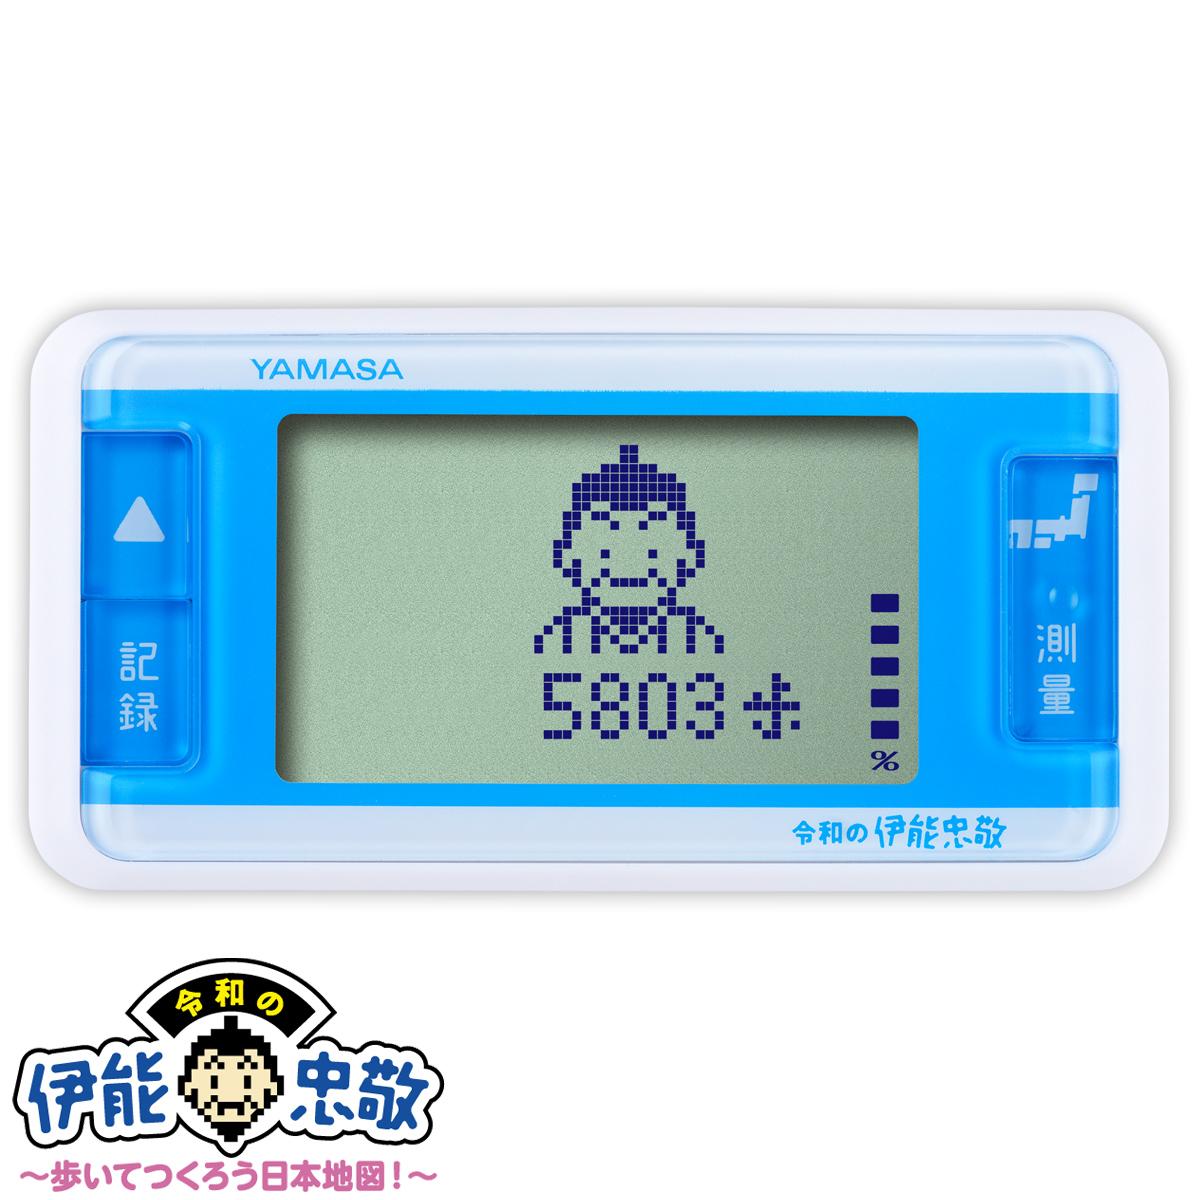 万歩計 ゲーム 歩数計 小型 ヤマサ ダイエット 平成の伊能忠敬 GK-700 3Dセンサー ポケット・バッグ用